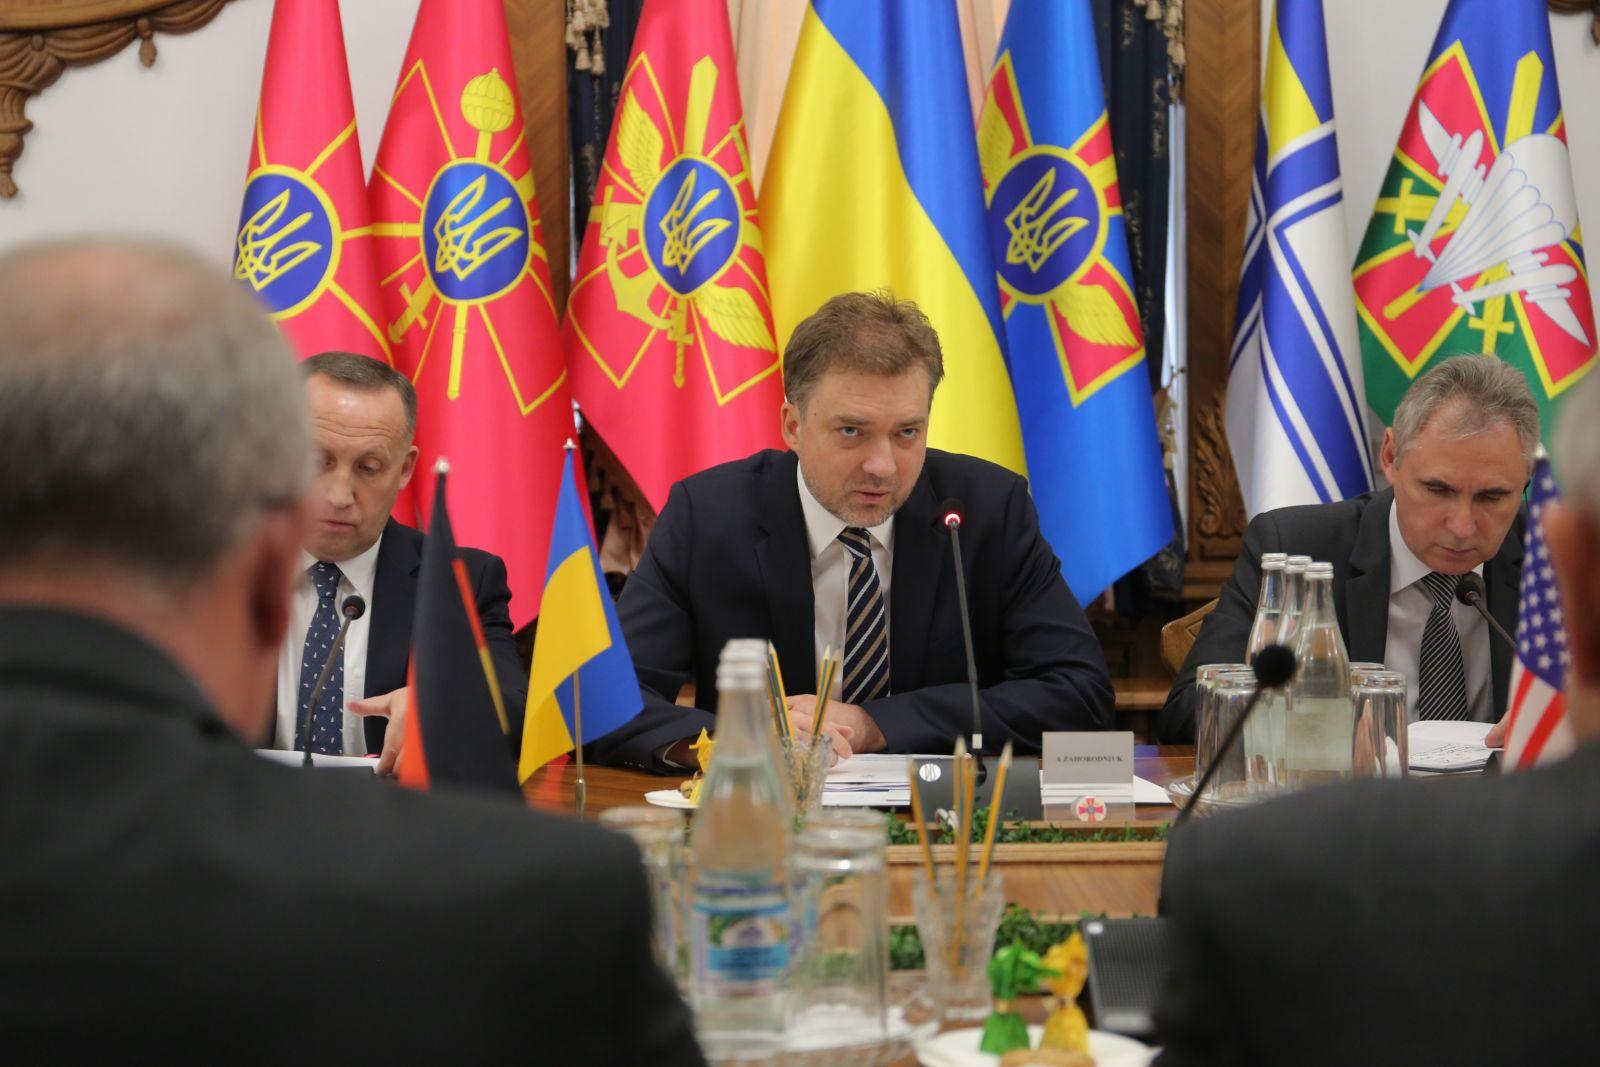 Загороднюк рассказал о реформах в Минобороны: нулевая коррупция и станда...